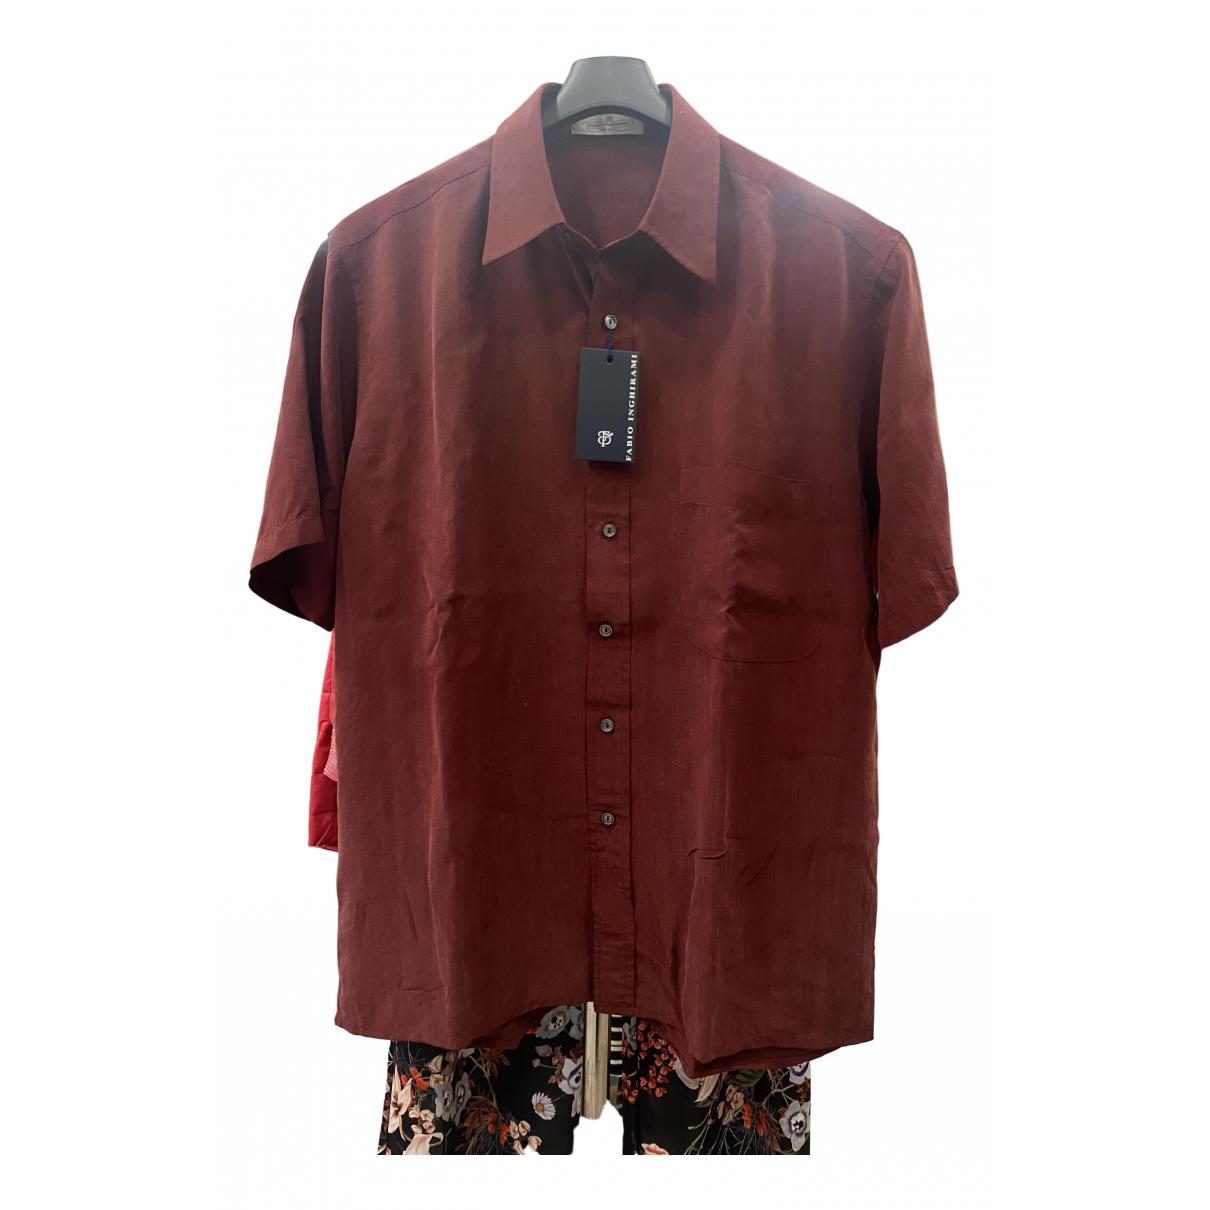 C.b. Made In Italy - Chemises   pour homme en soie - bordeaux